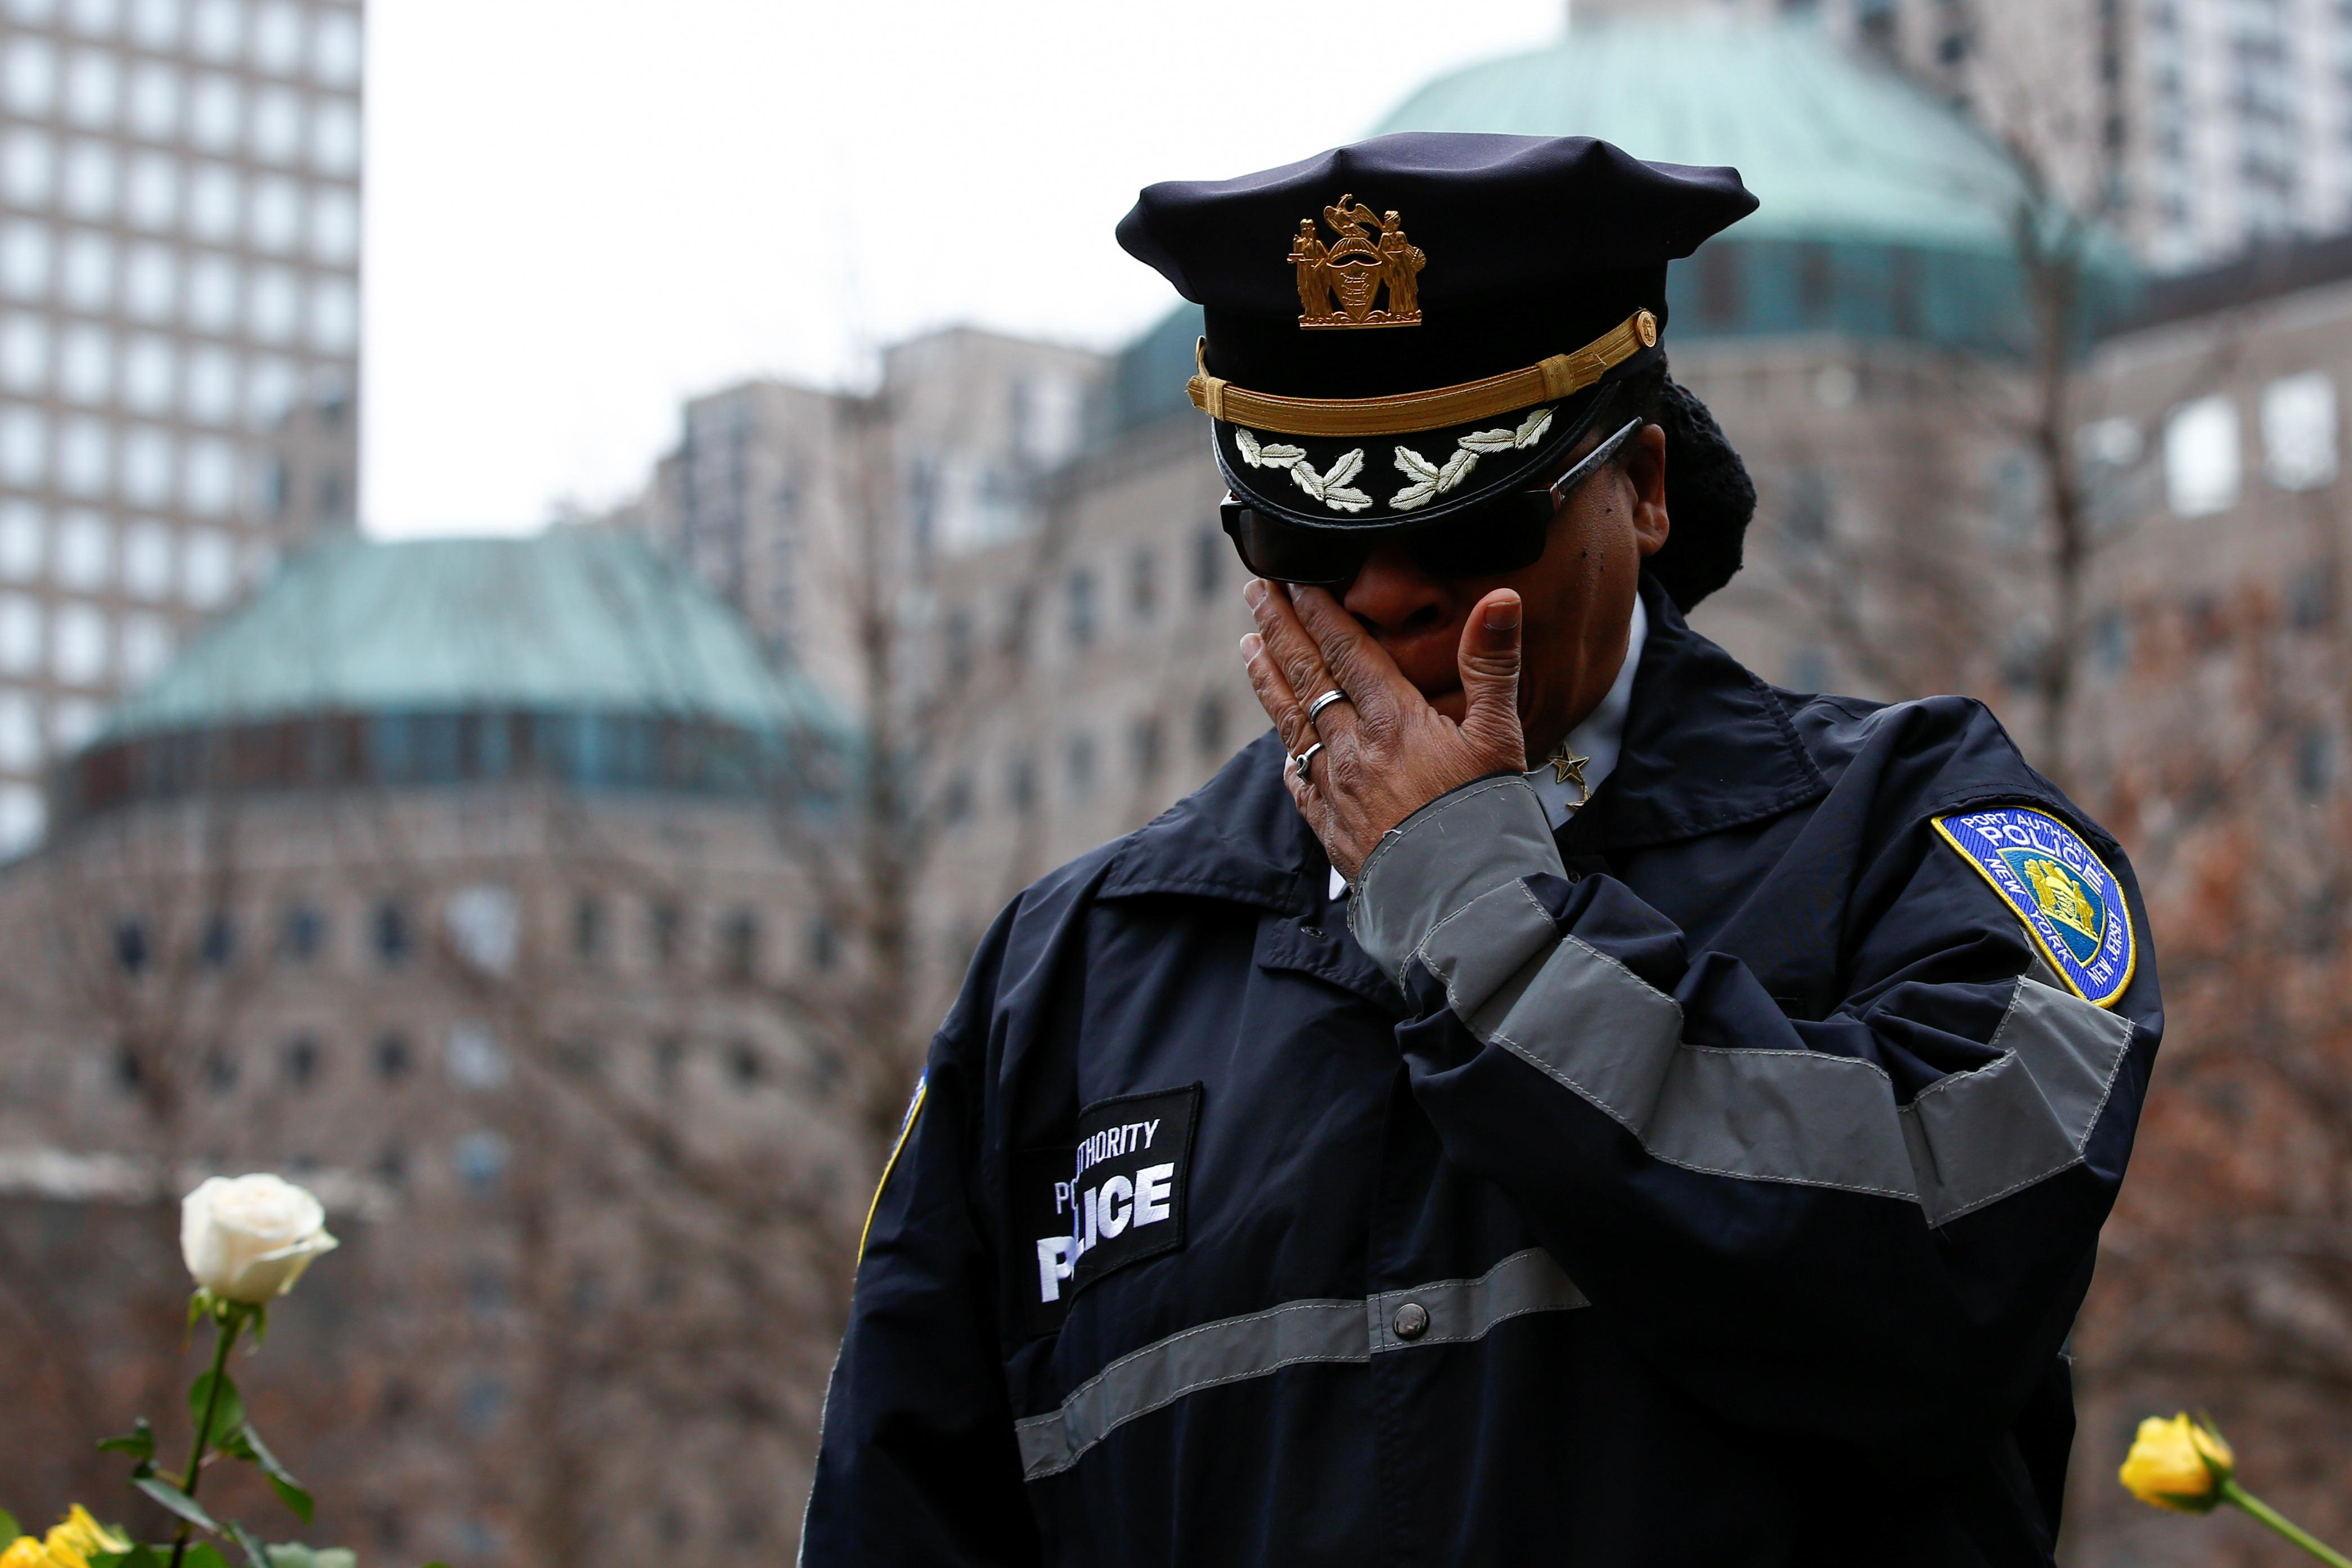 أحد أفراد الشرطة الأمريكية يبكى خلال الوقفة